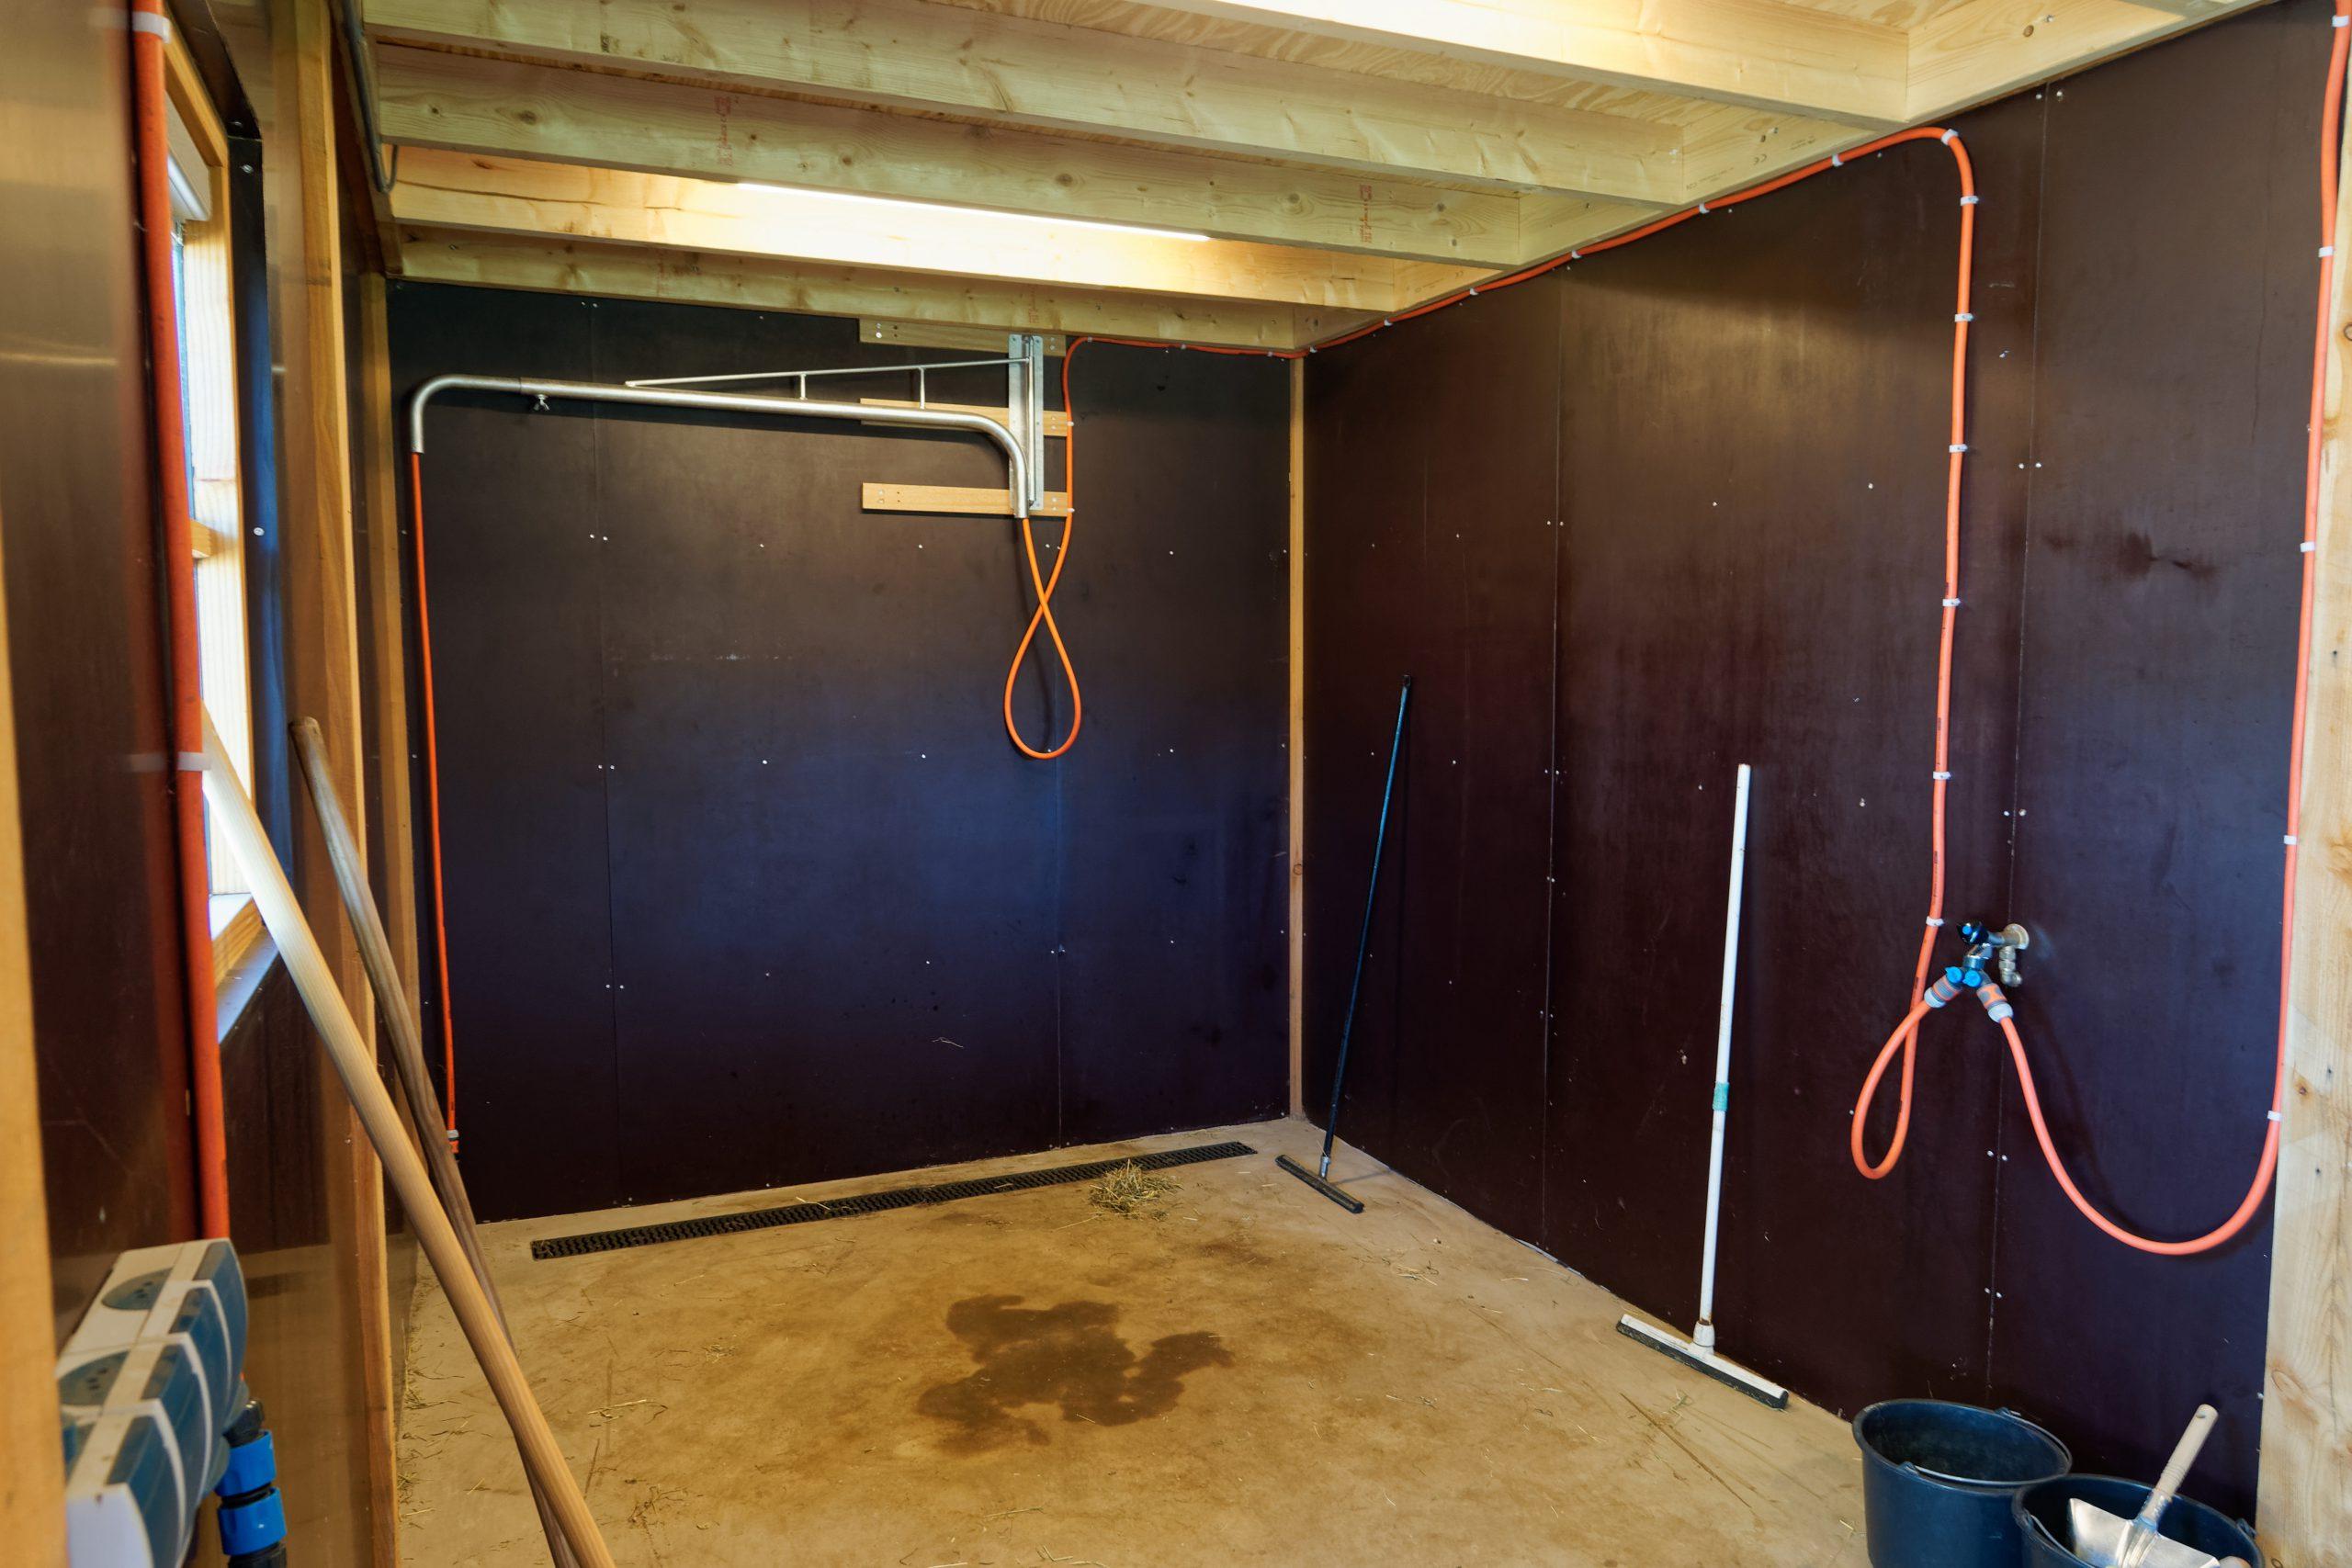 houten-schuur-met-paardenstallen-1-scaled - Project Hardenberg: Grote houten schuur met paardenstallen.